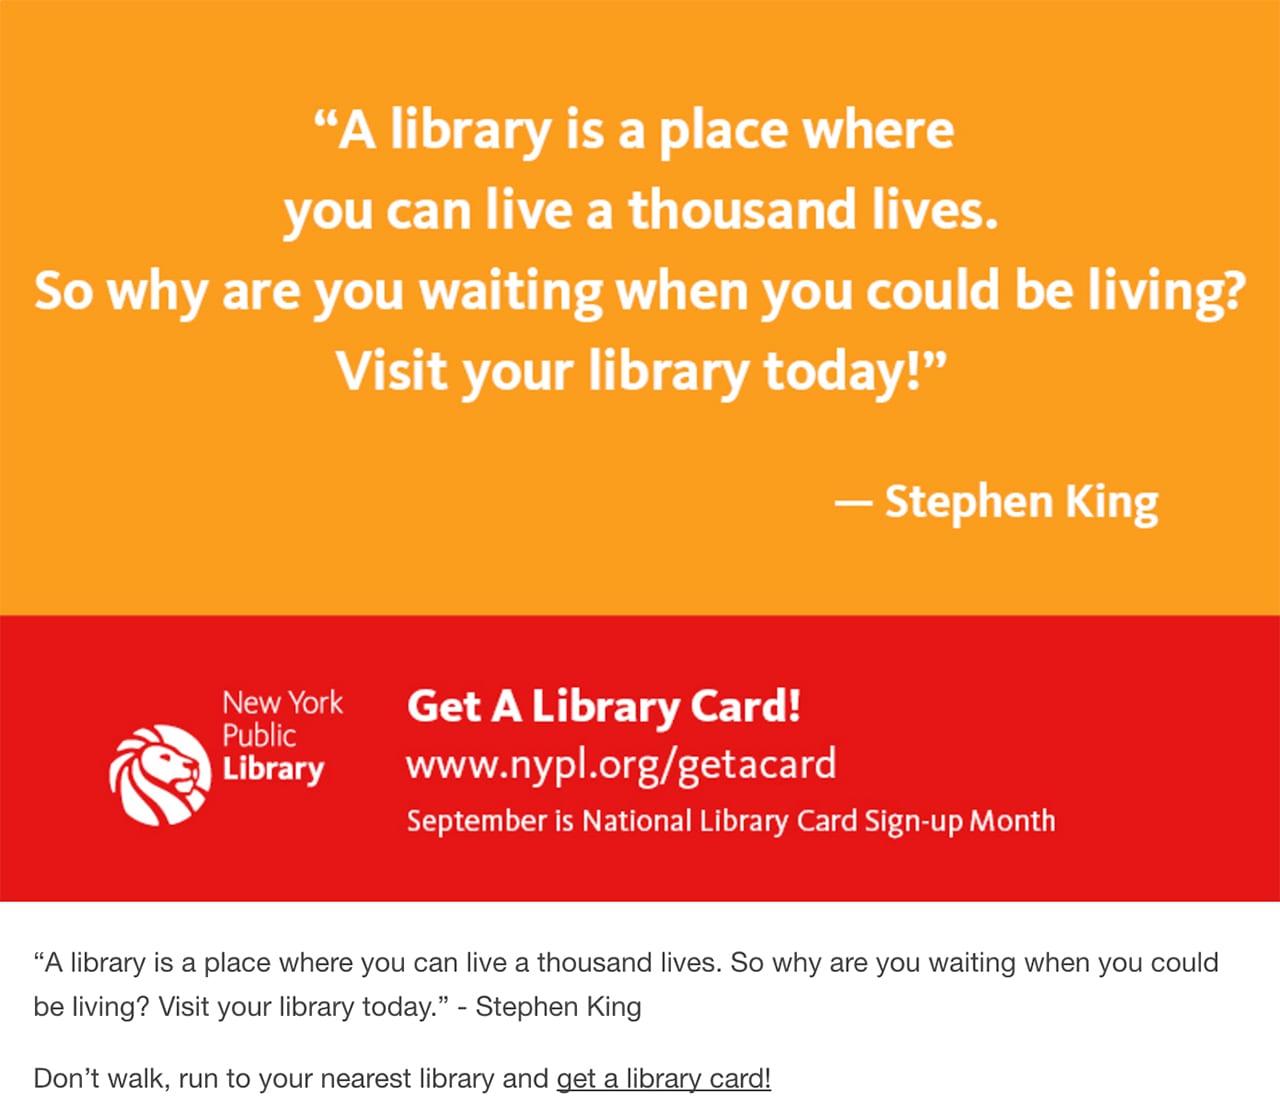 visual content tactics NYPL quote